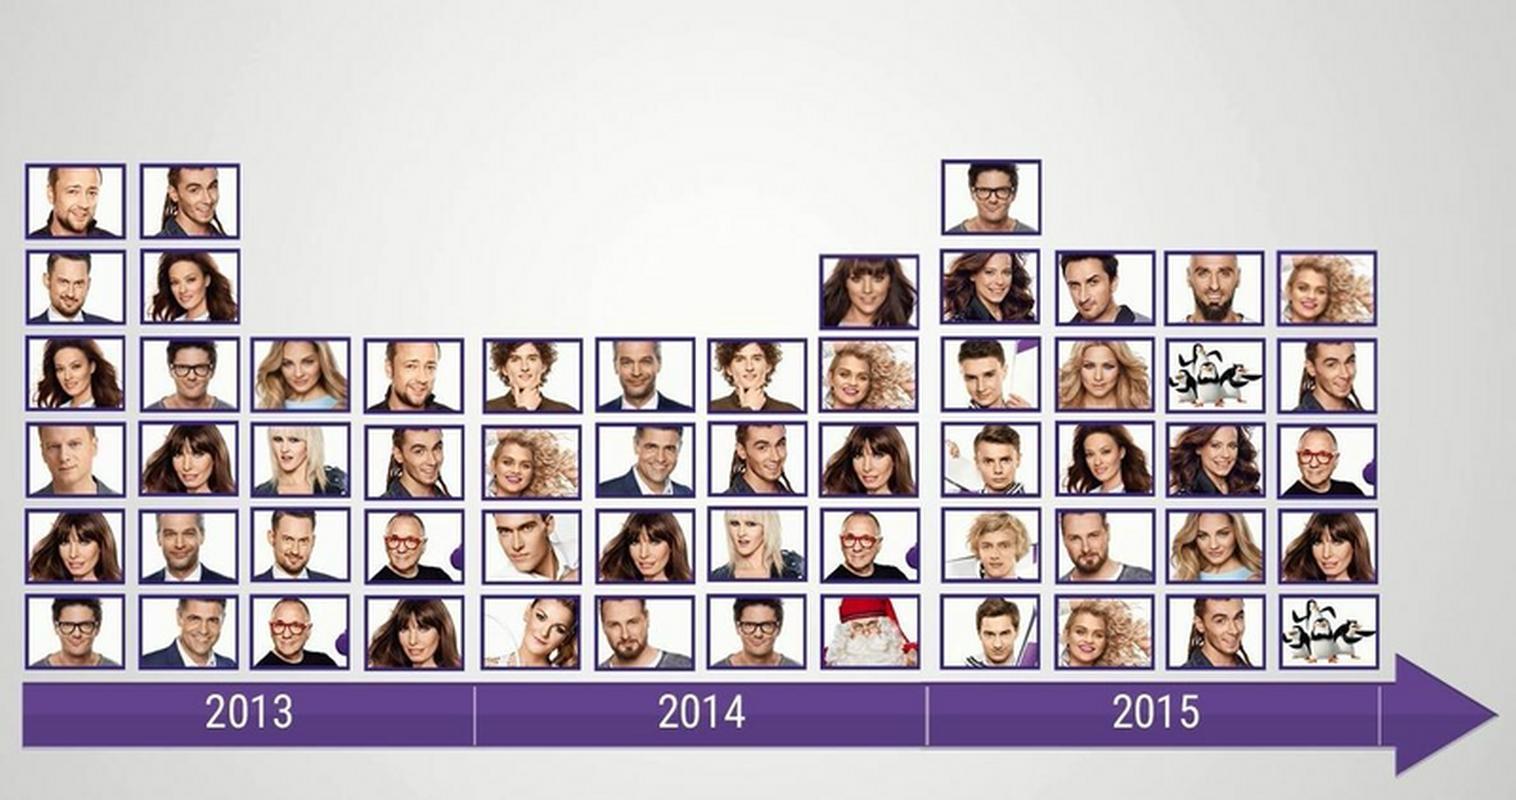 W kampanii Play od 2013 roku wzięło udział kilkadziesiąt gwiazd